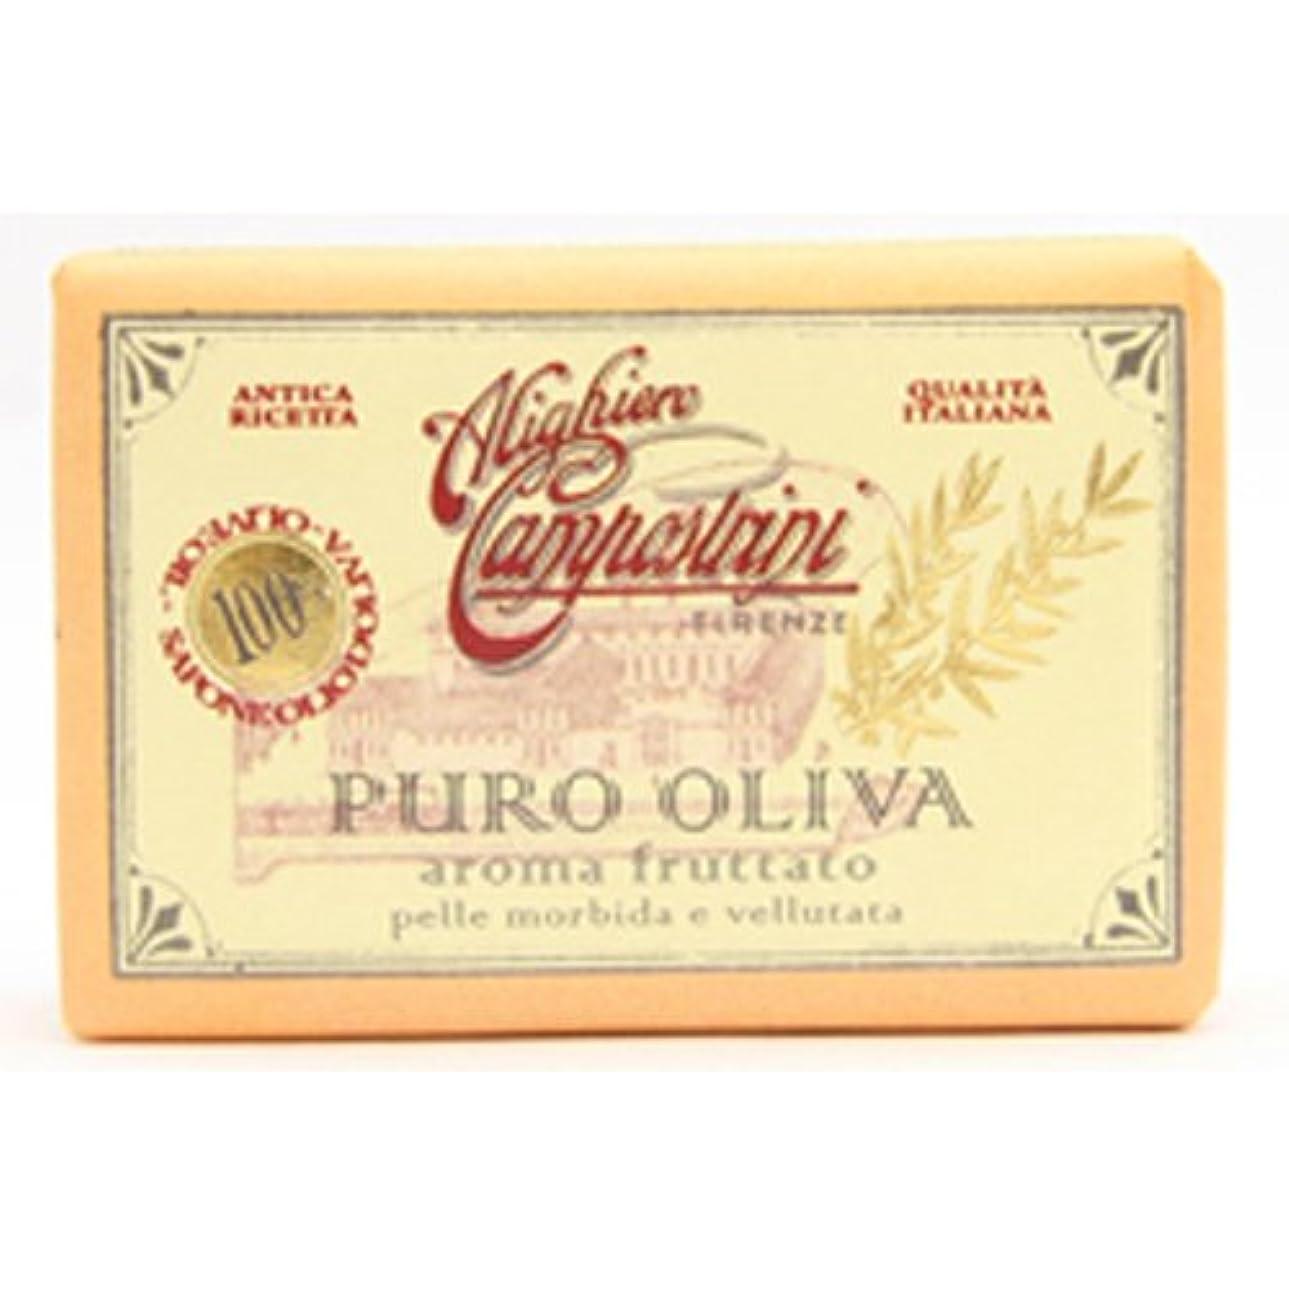 幻滅する軽逮捕Saponerire Fissi サポネリーフィッシー PURO OLIVA Soap オリーブオイル ピュロ ソープ Aroma fruttato フルーツ(オレンジ)